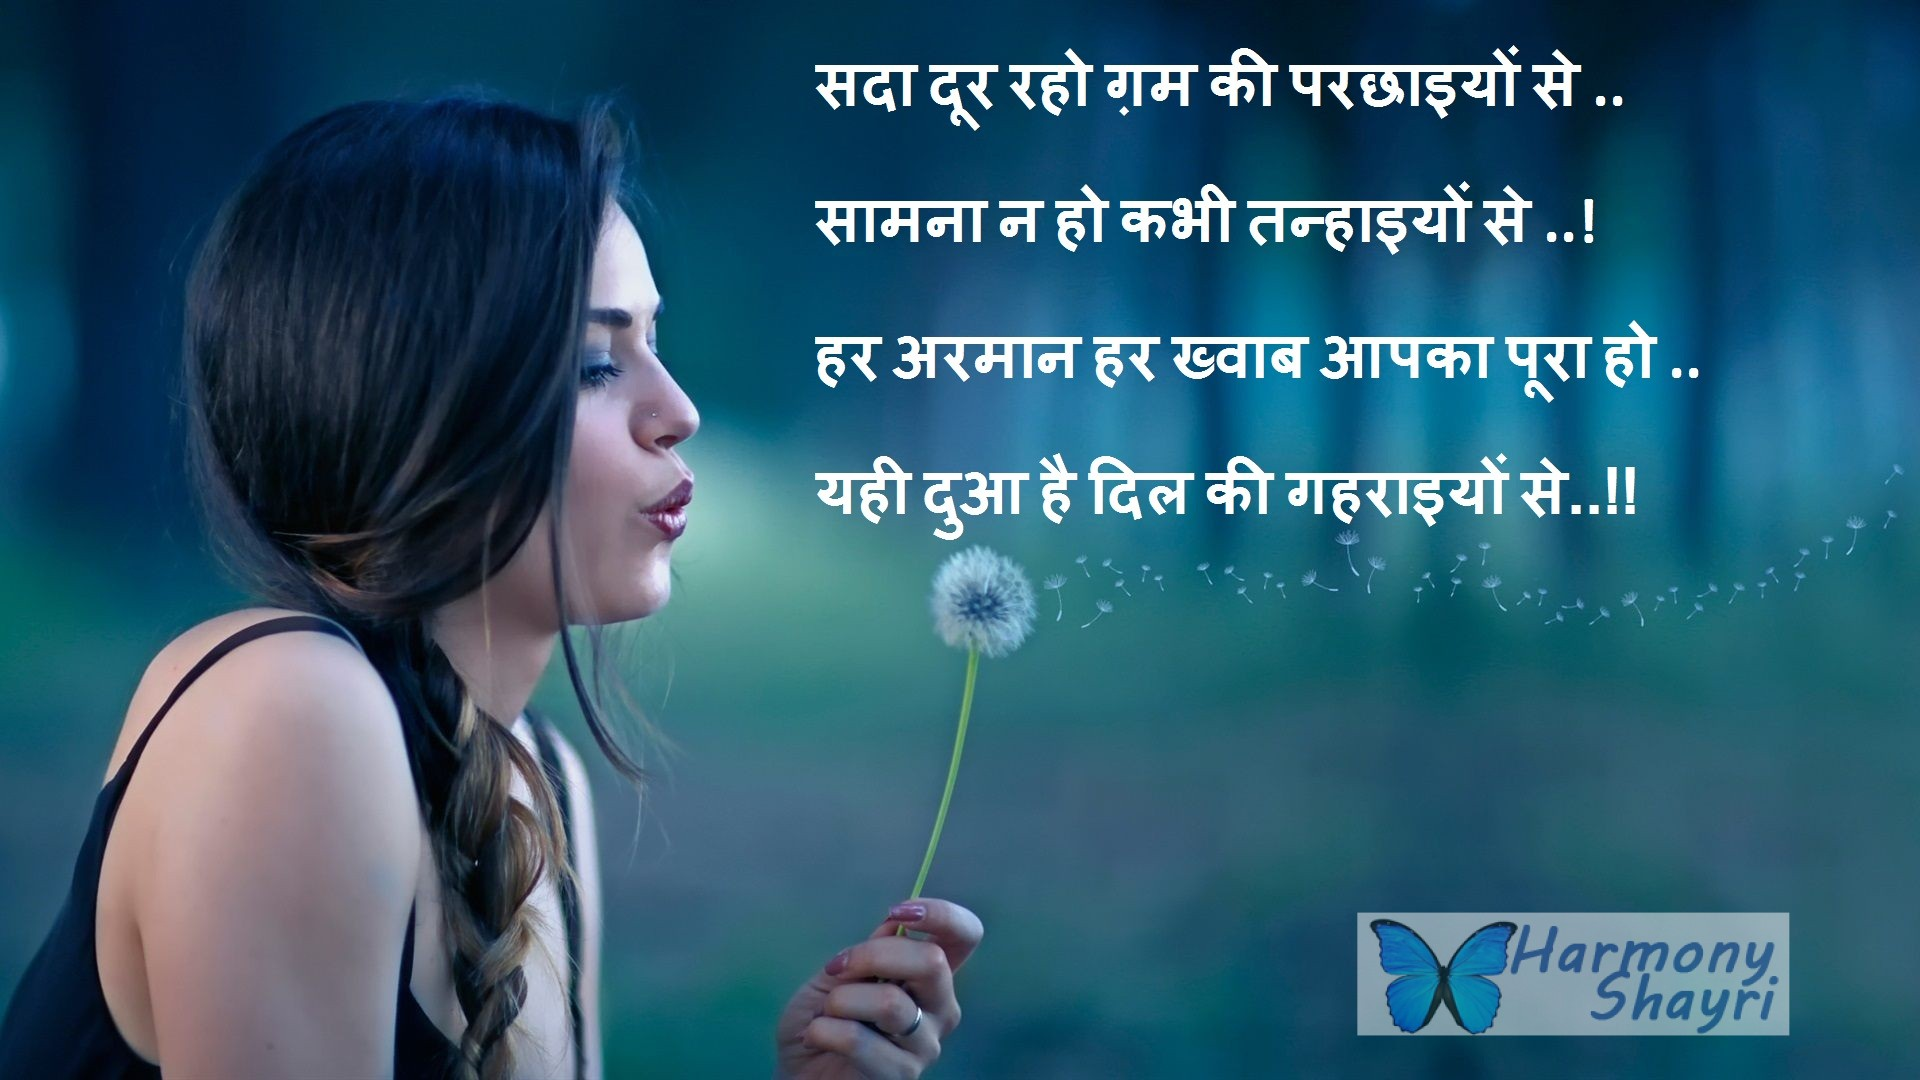 Dua  New Year Shayari